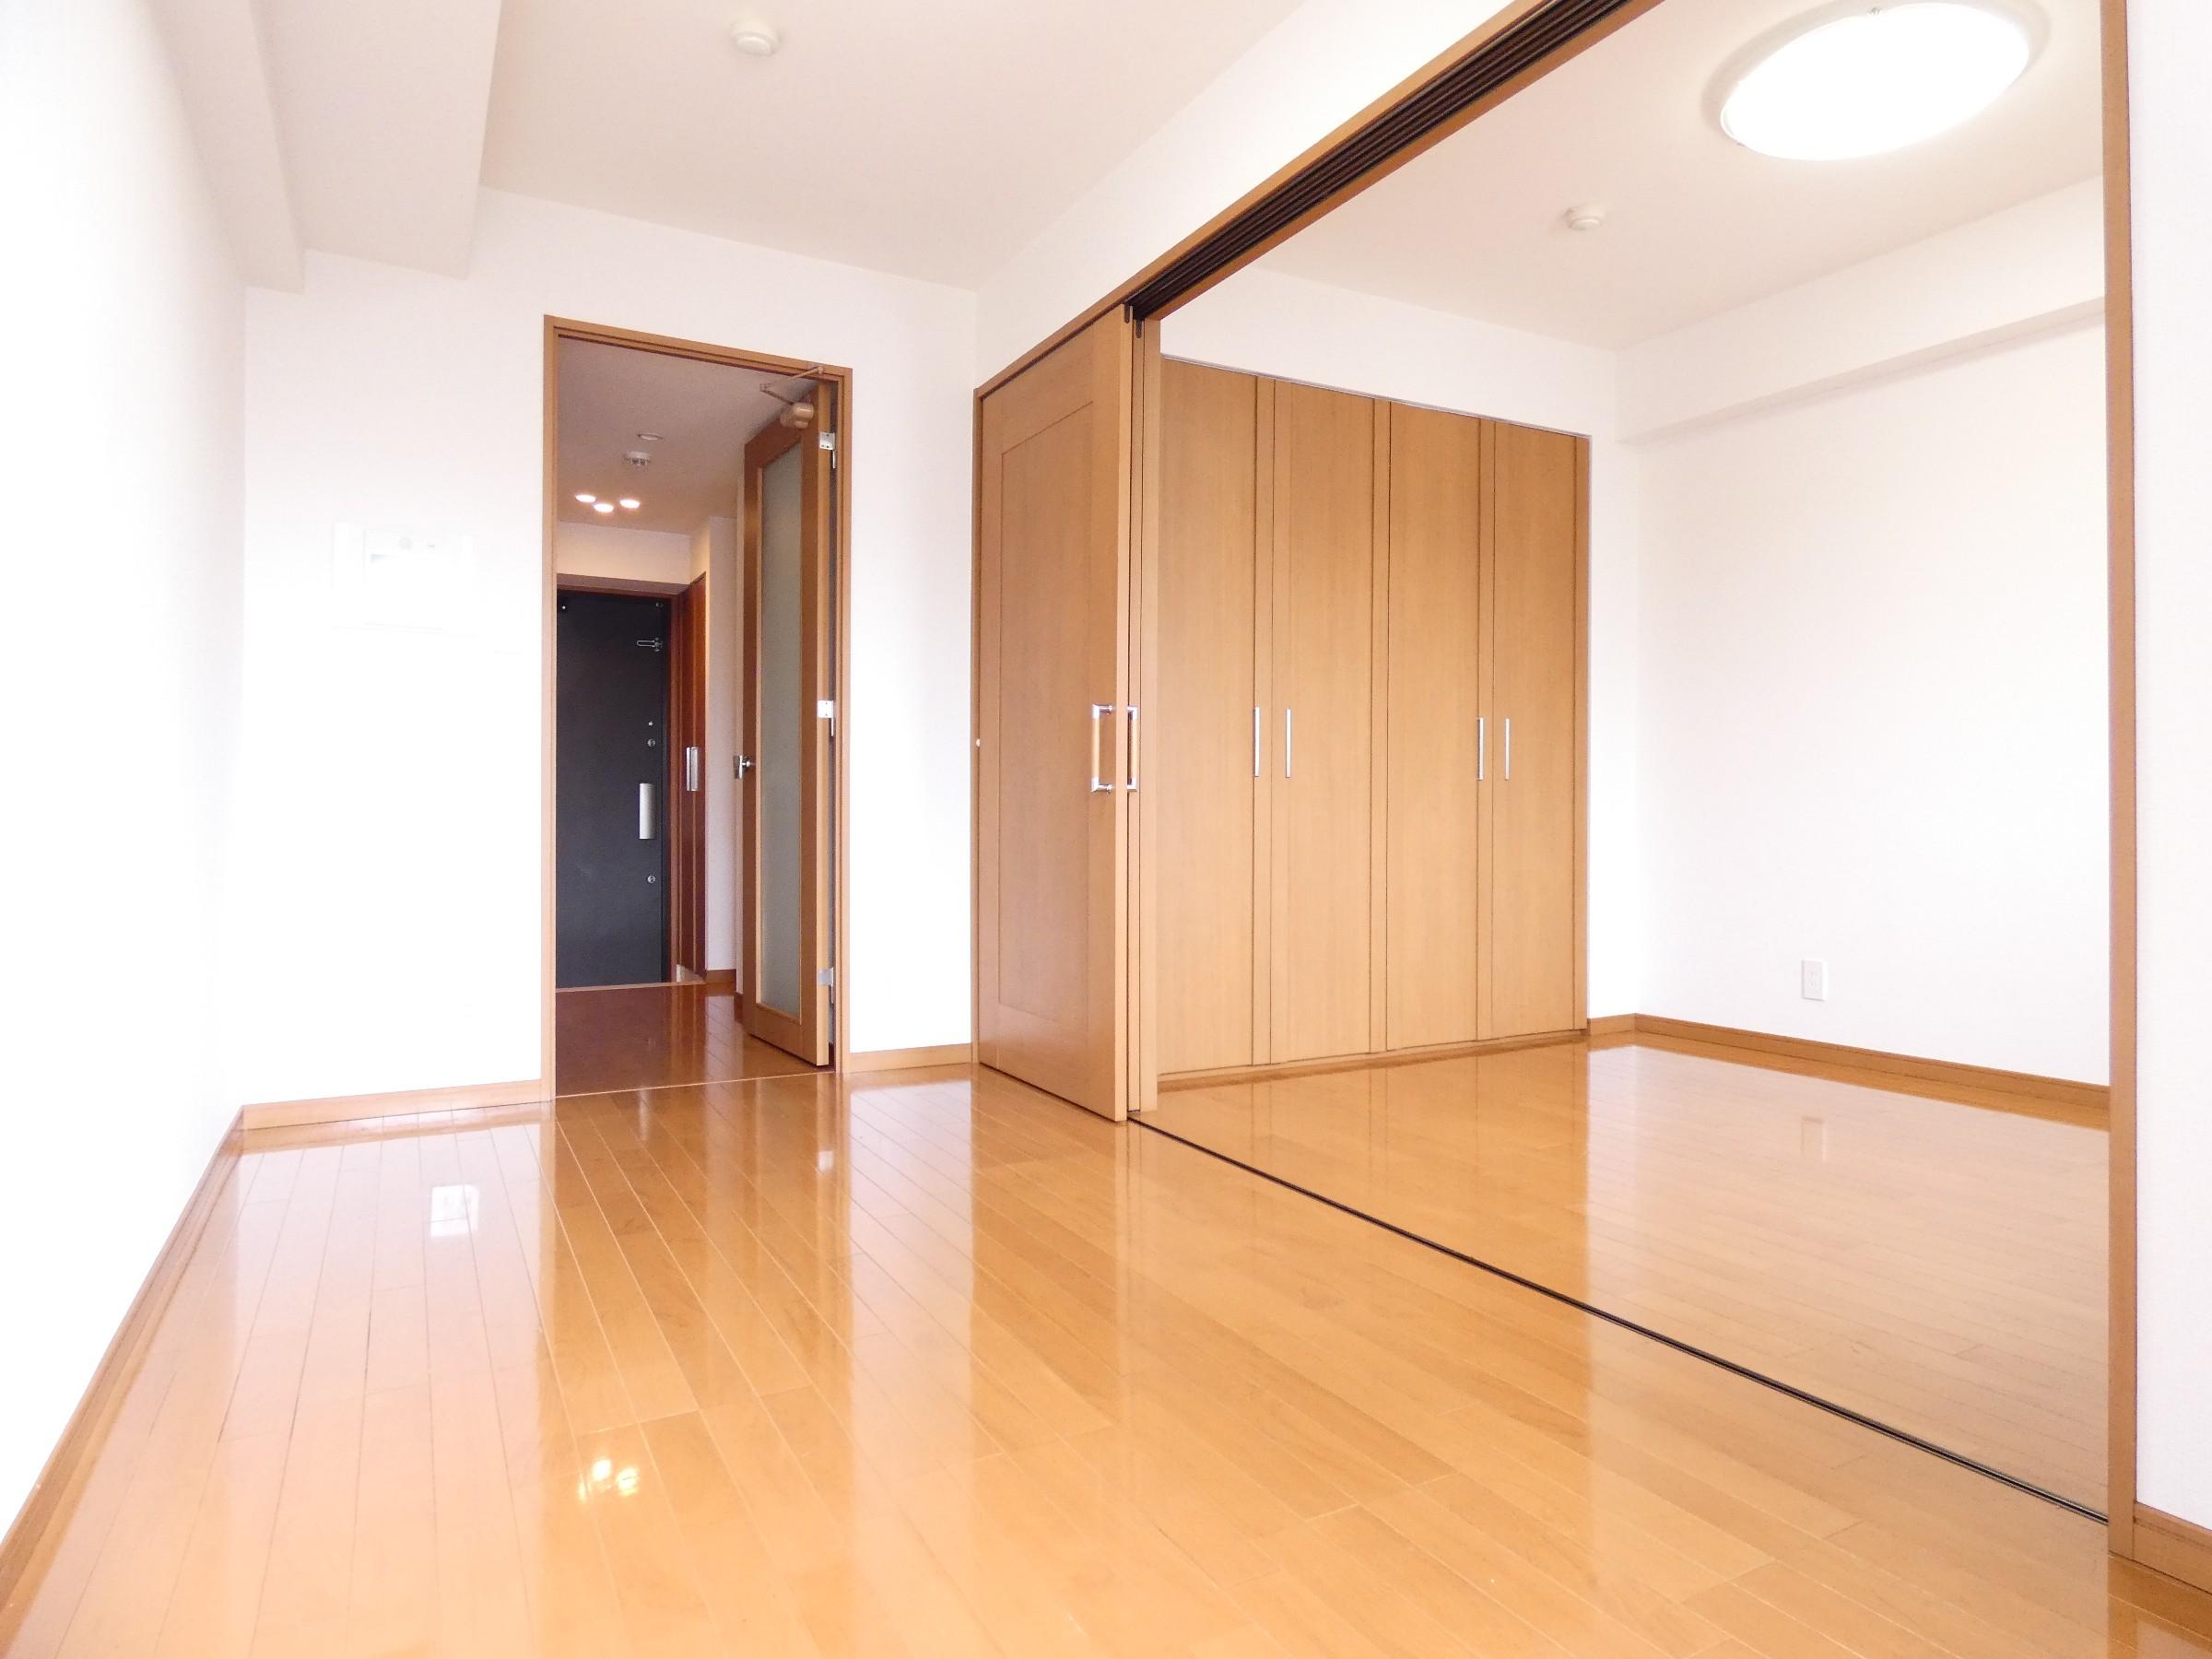 パークフラッツ渋谷代官山の建物写真その他19